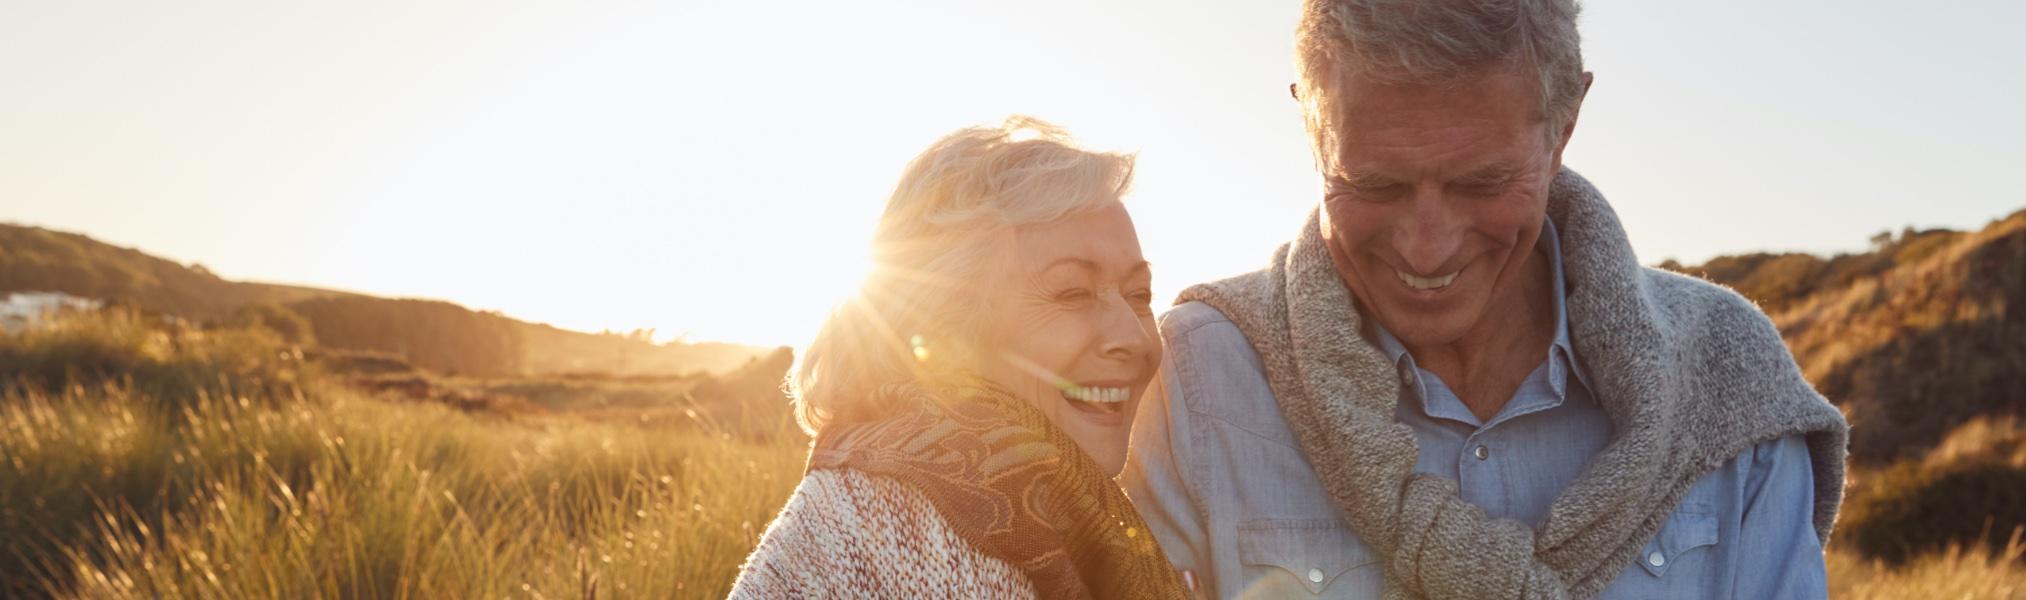 Photo of two seniors enjoying the sunset